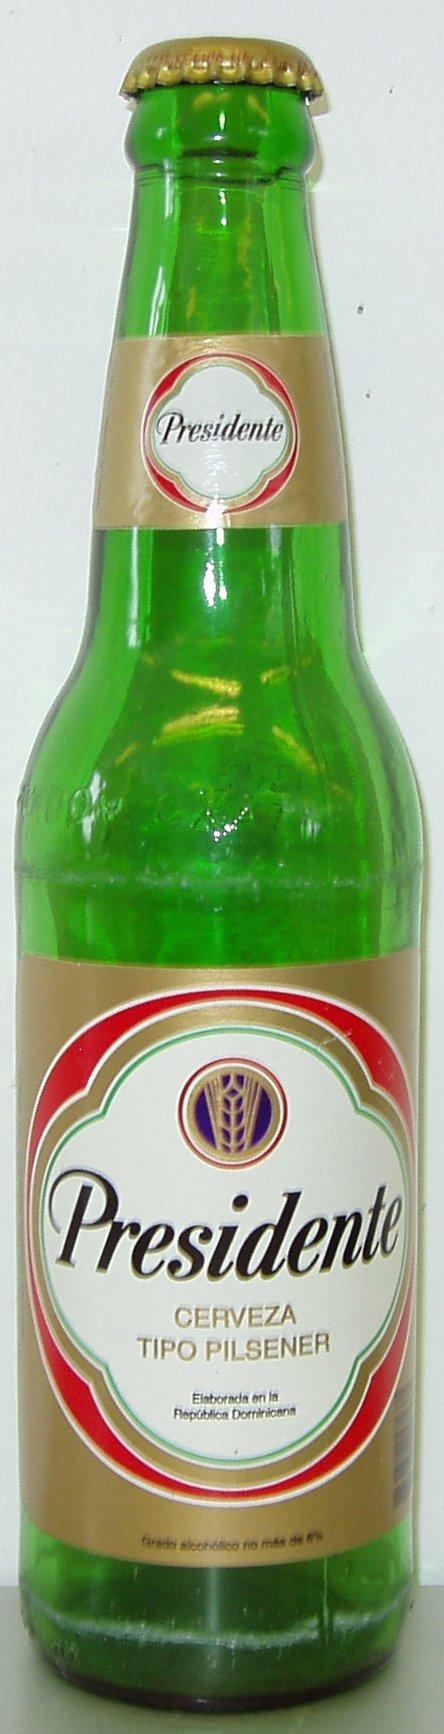 Resultado de imagen para pic of president beer